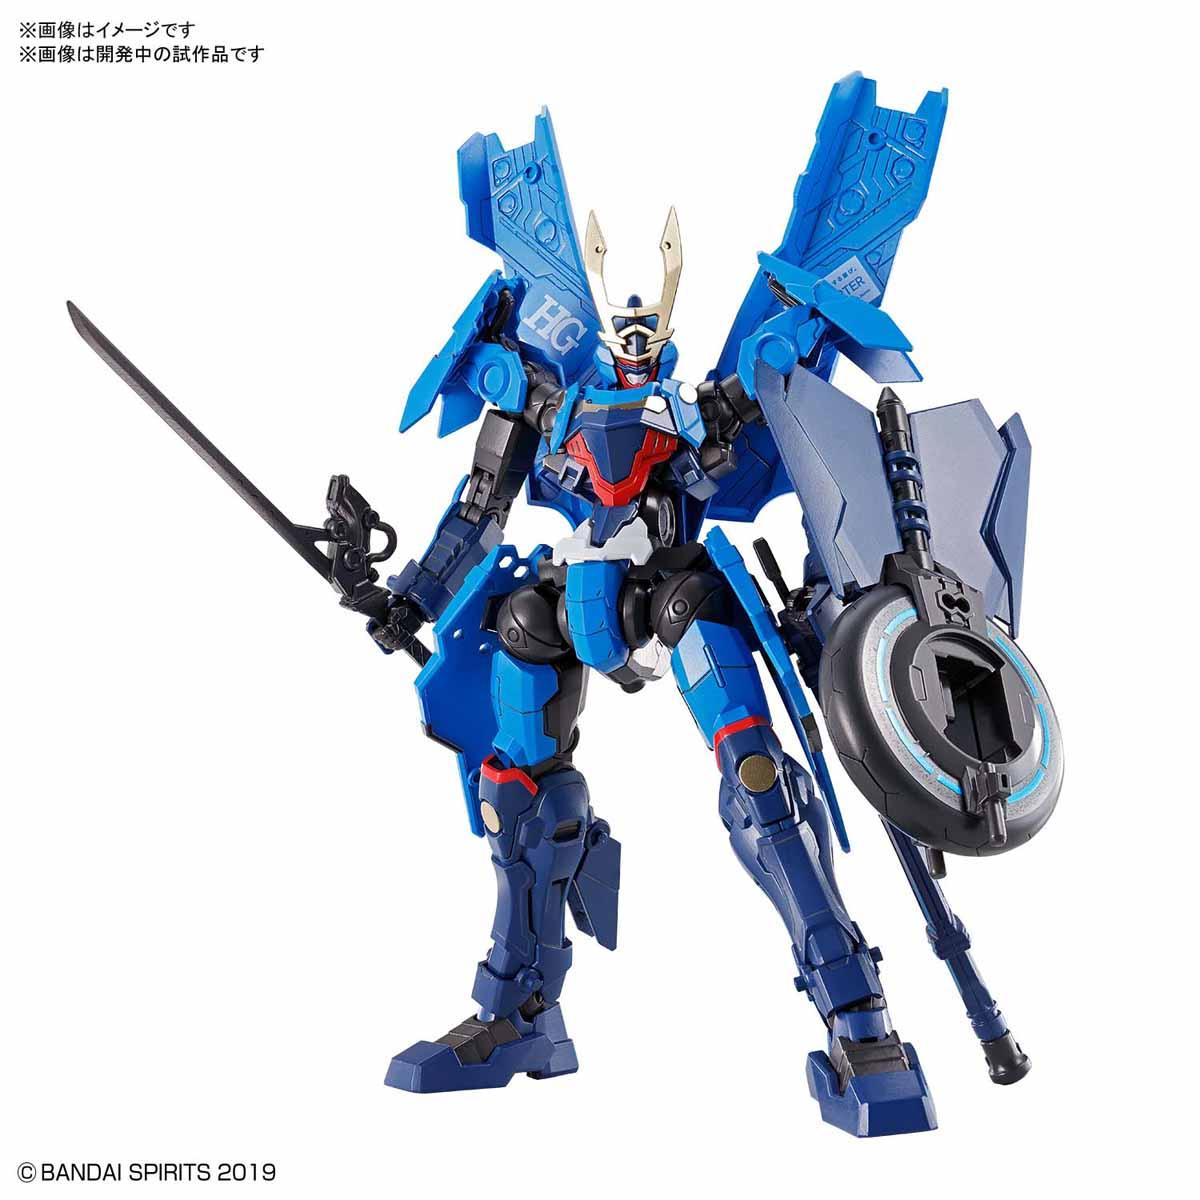 HG『蒼流丸』プラモデル-001